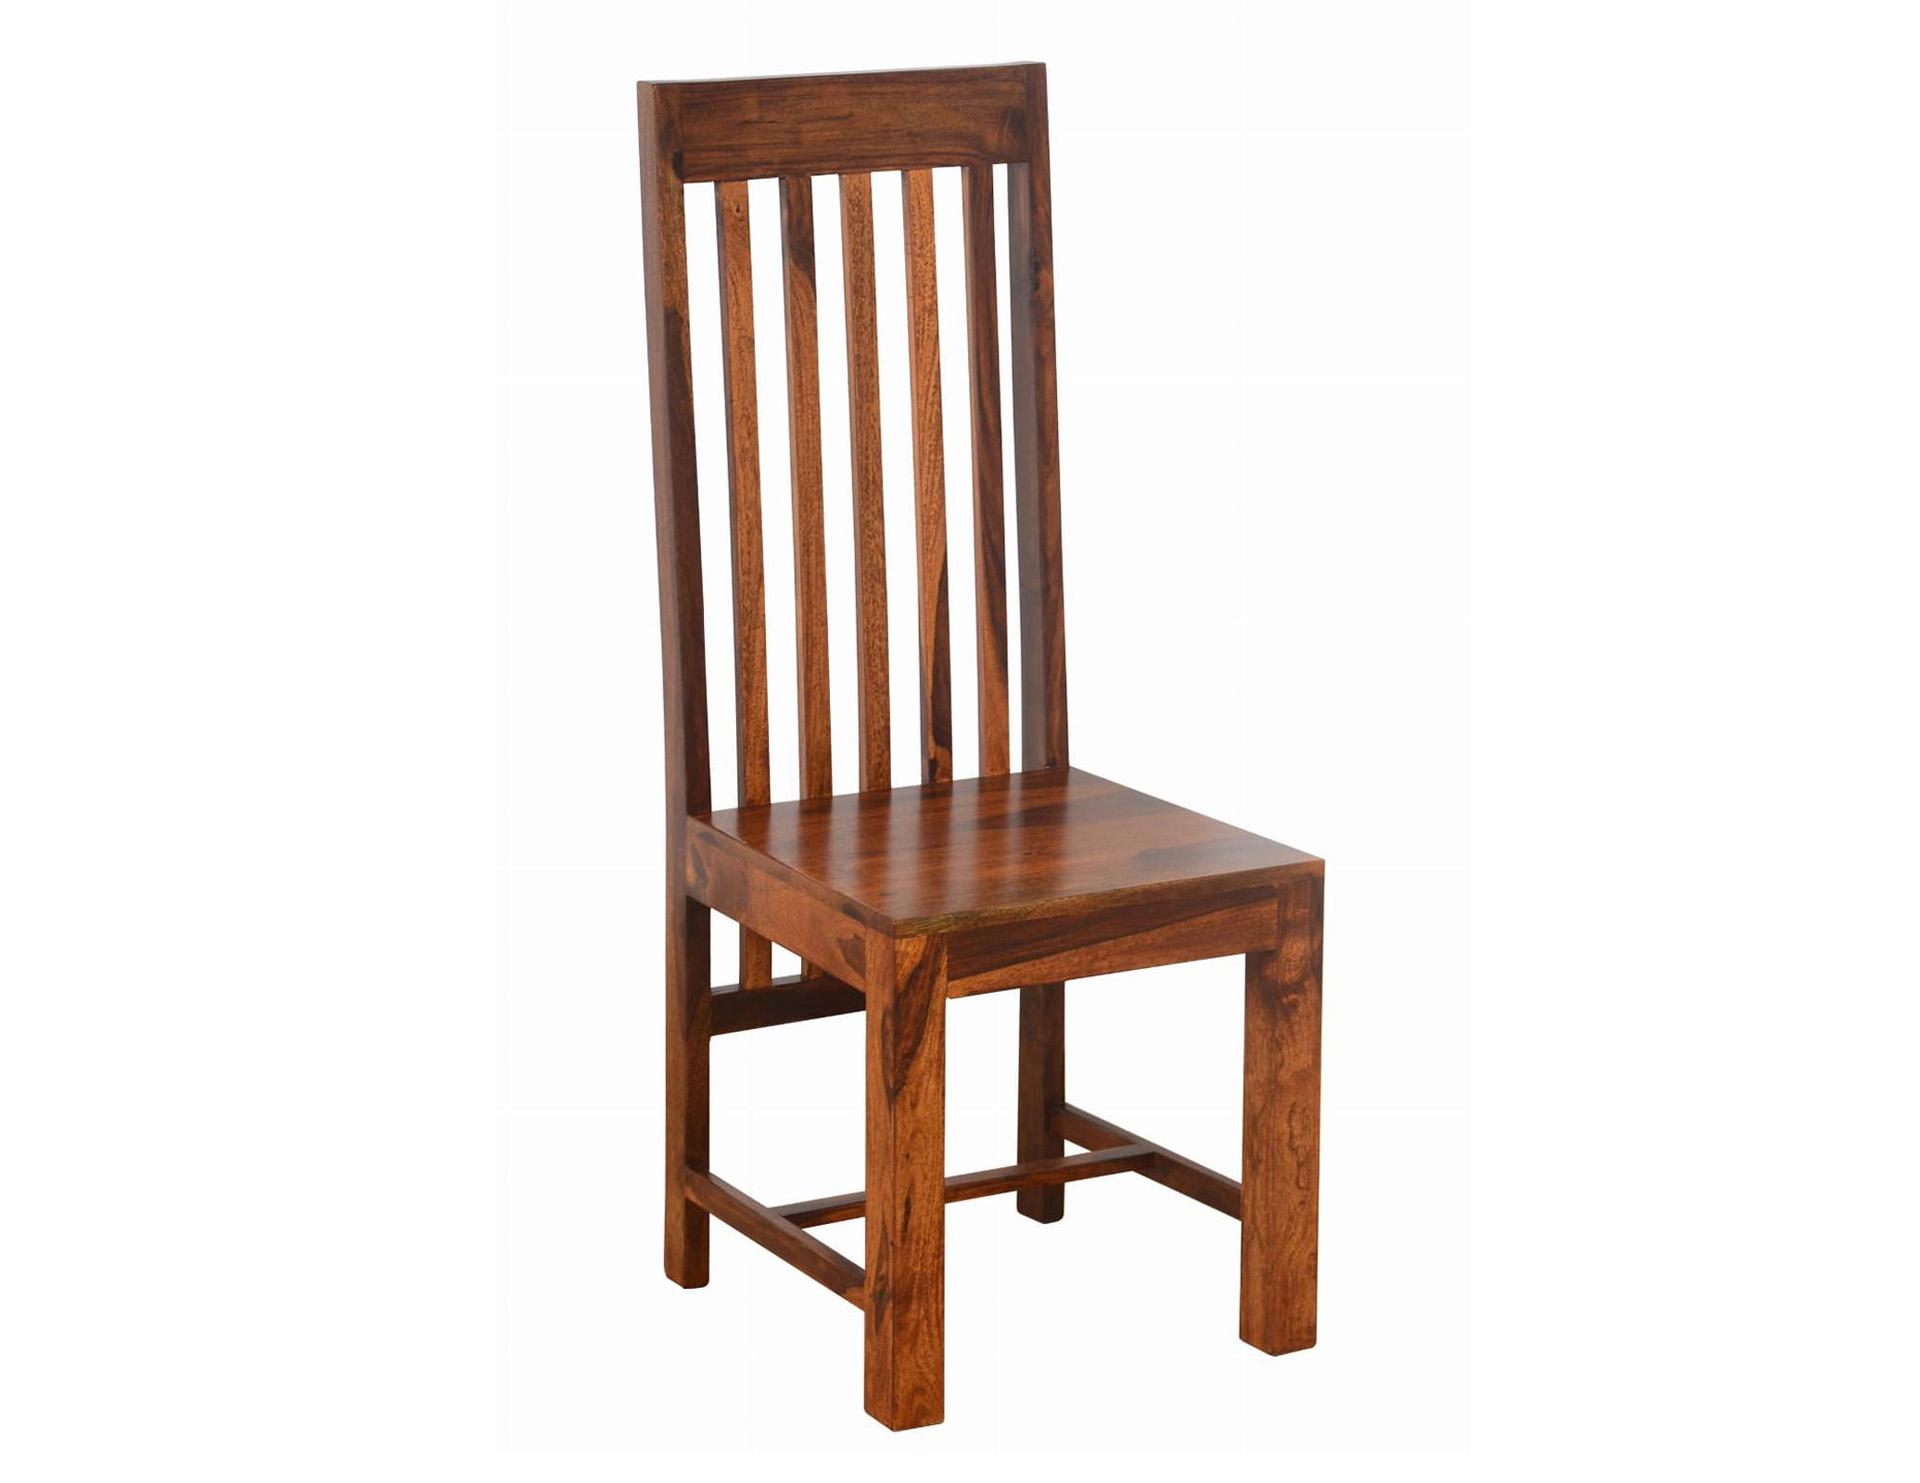 krzeslo indyjskie kolonialne lite drewno (1)